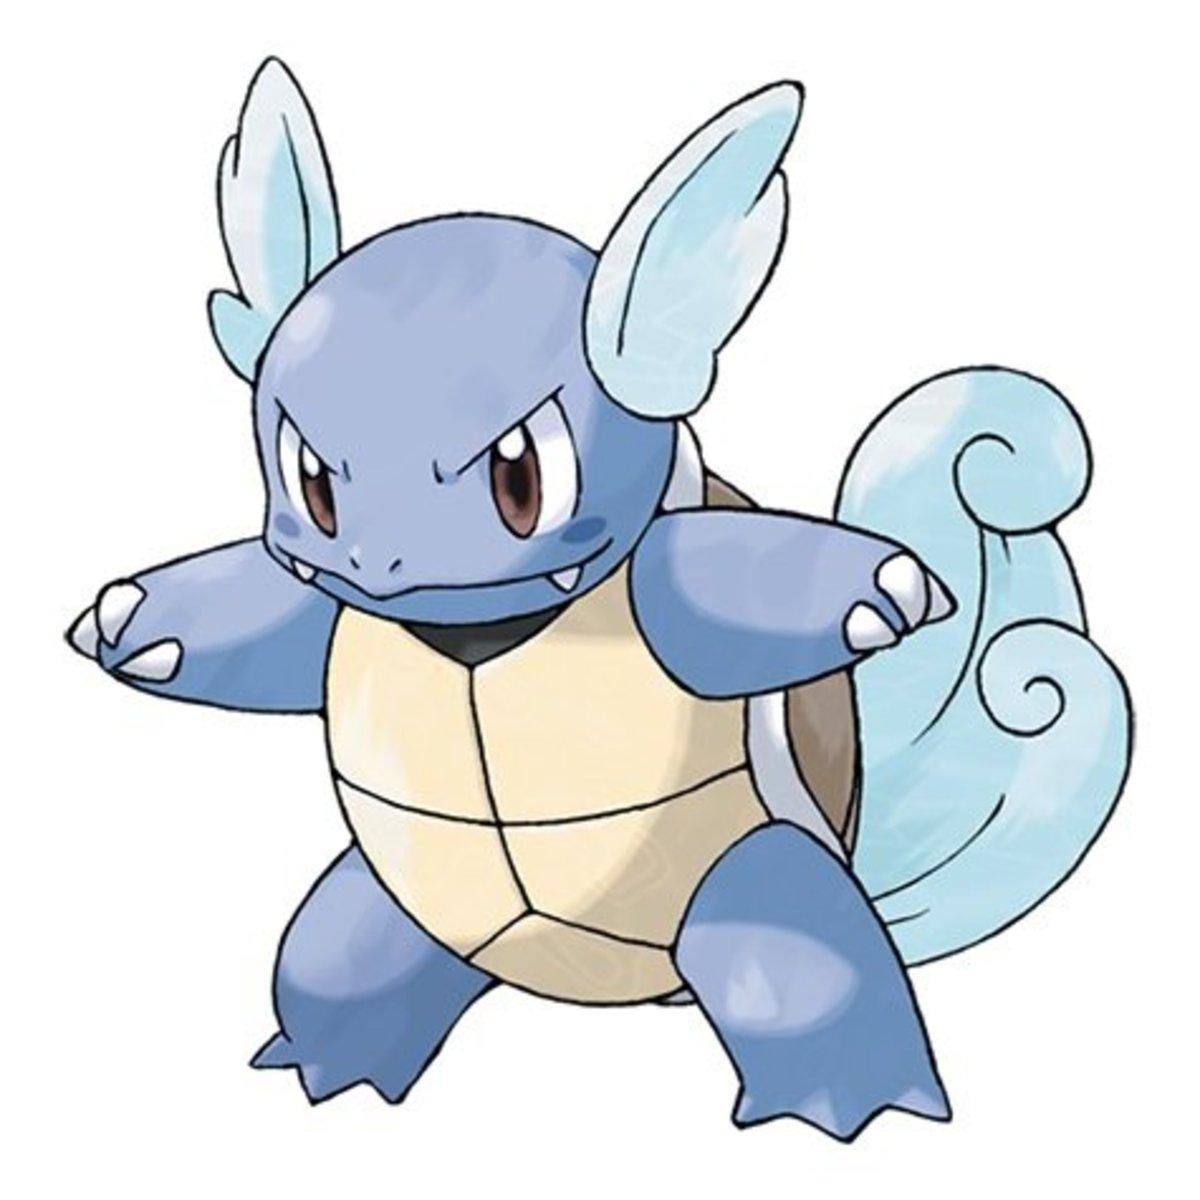 Pokémon: Wartortle Nicknames